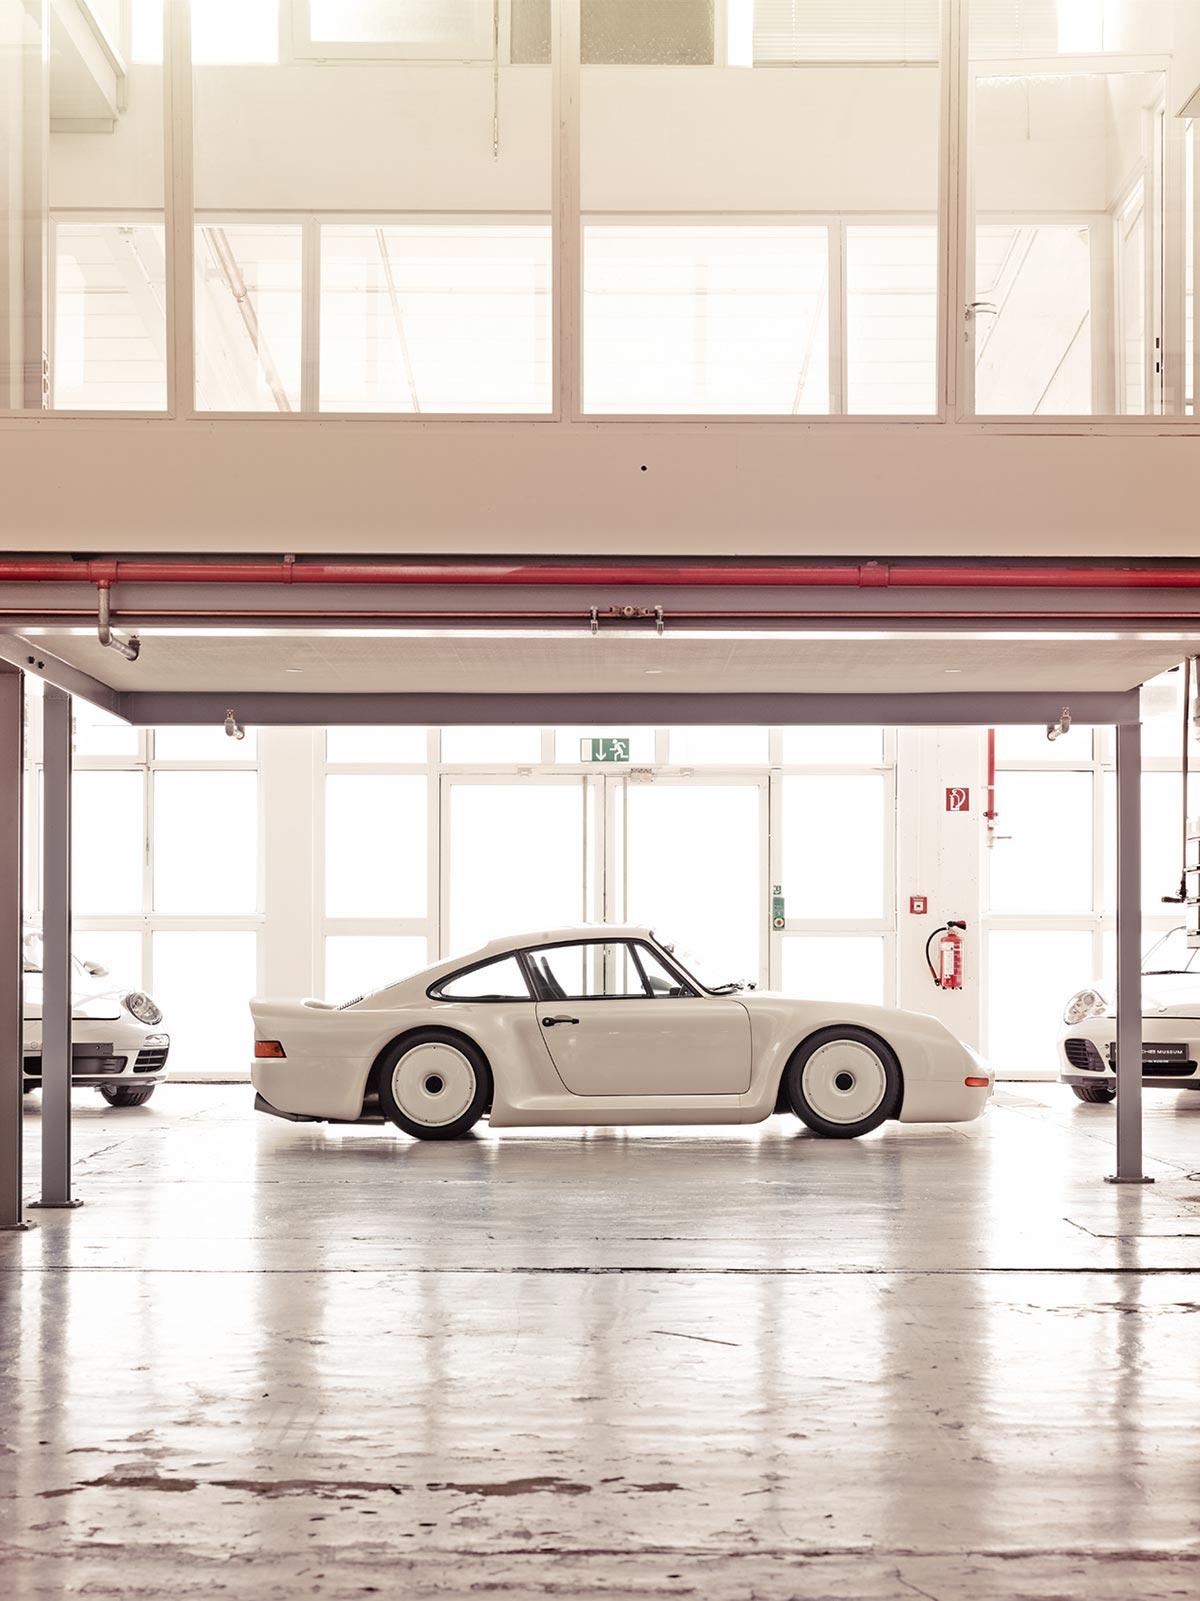 A Look Inside Porsche's Secret Stuttgart Warehouse 5